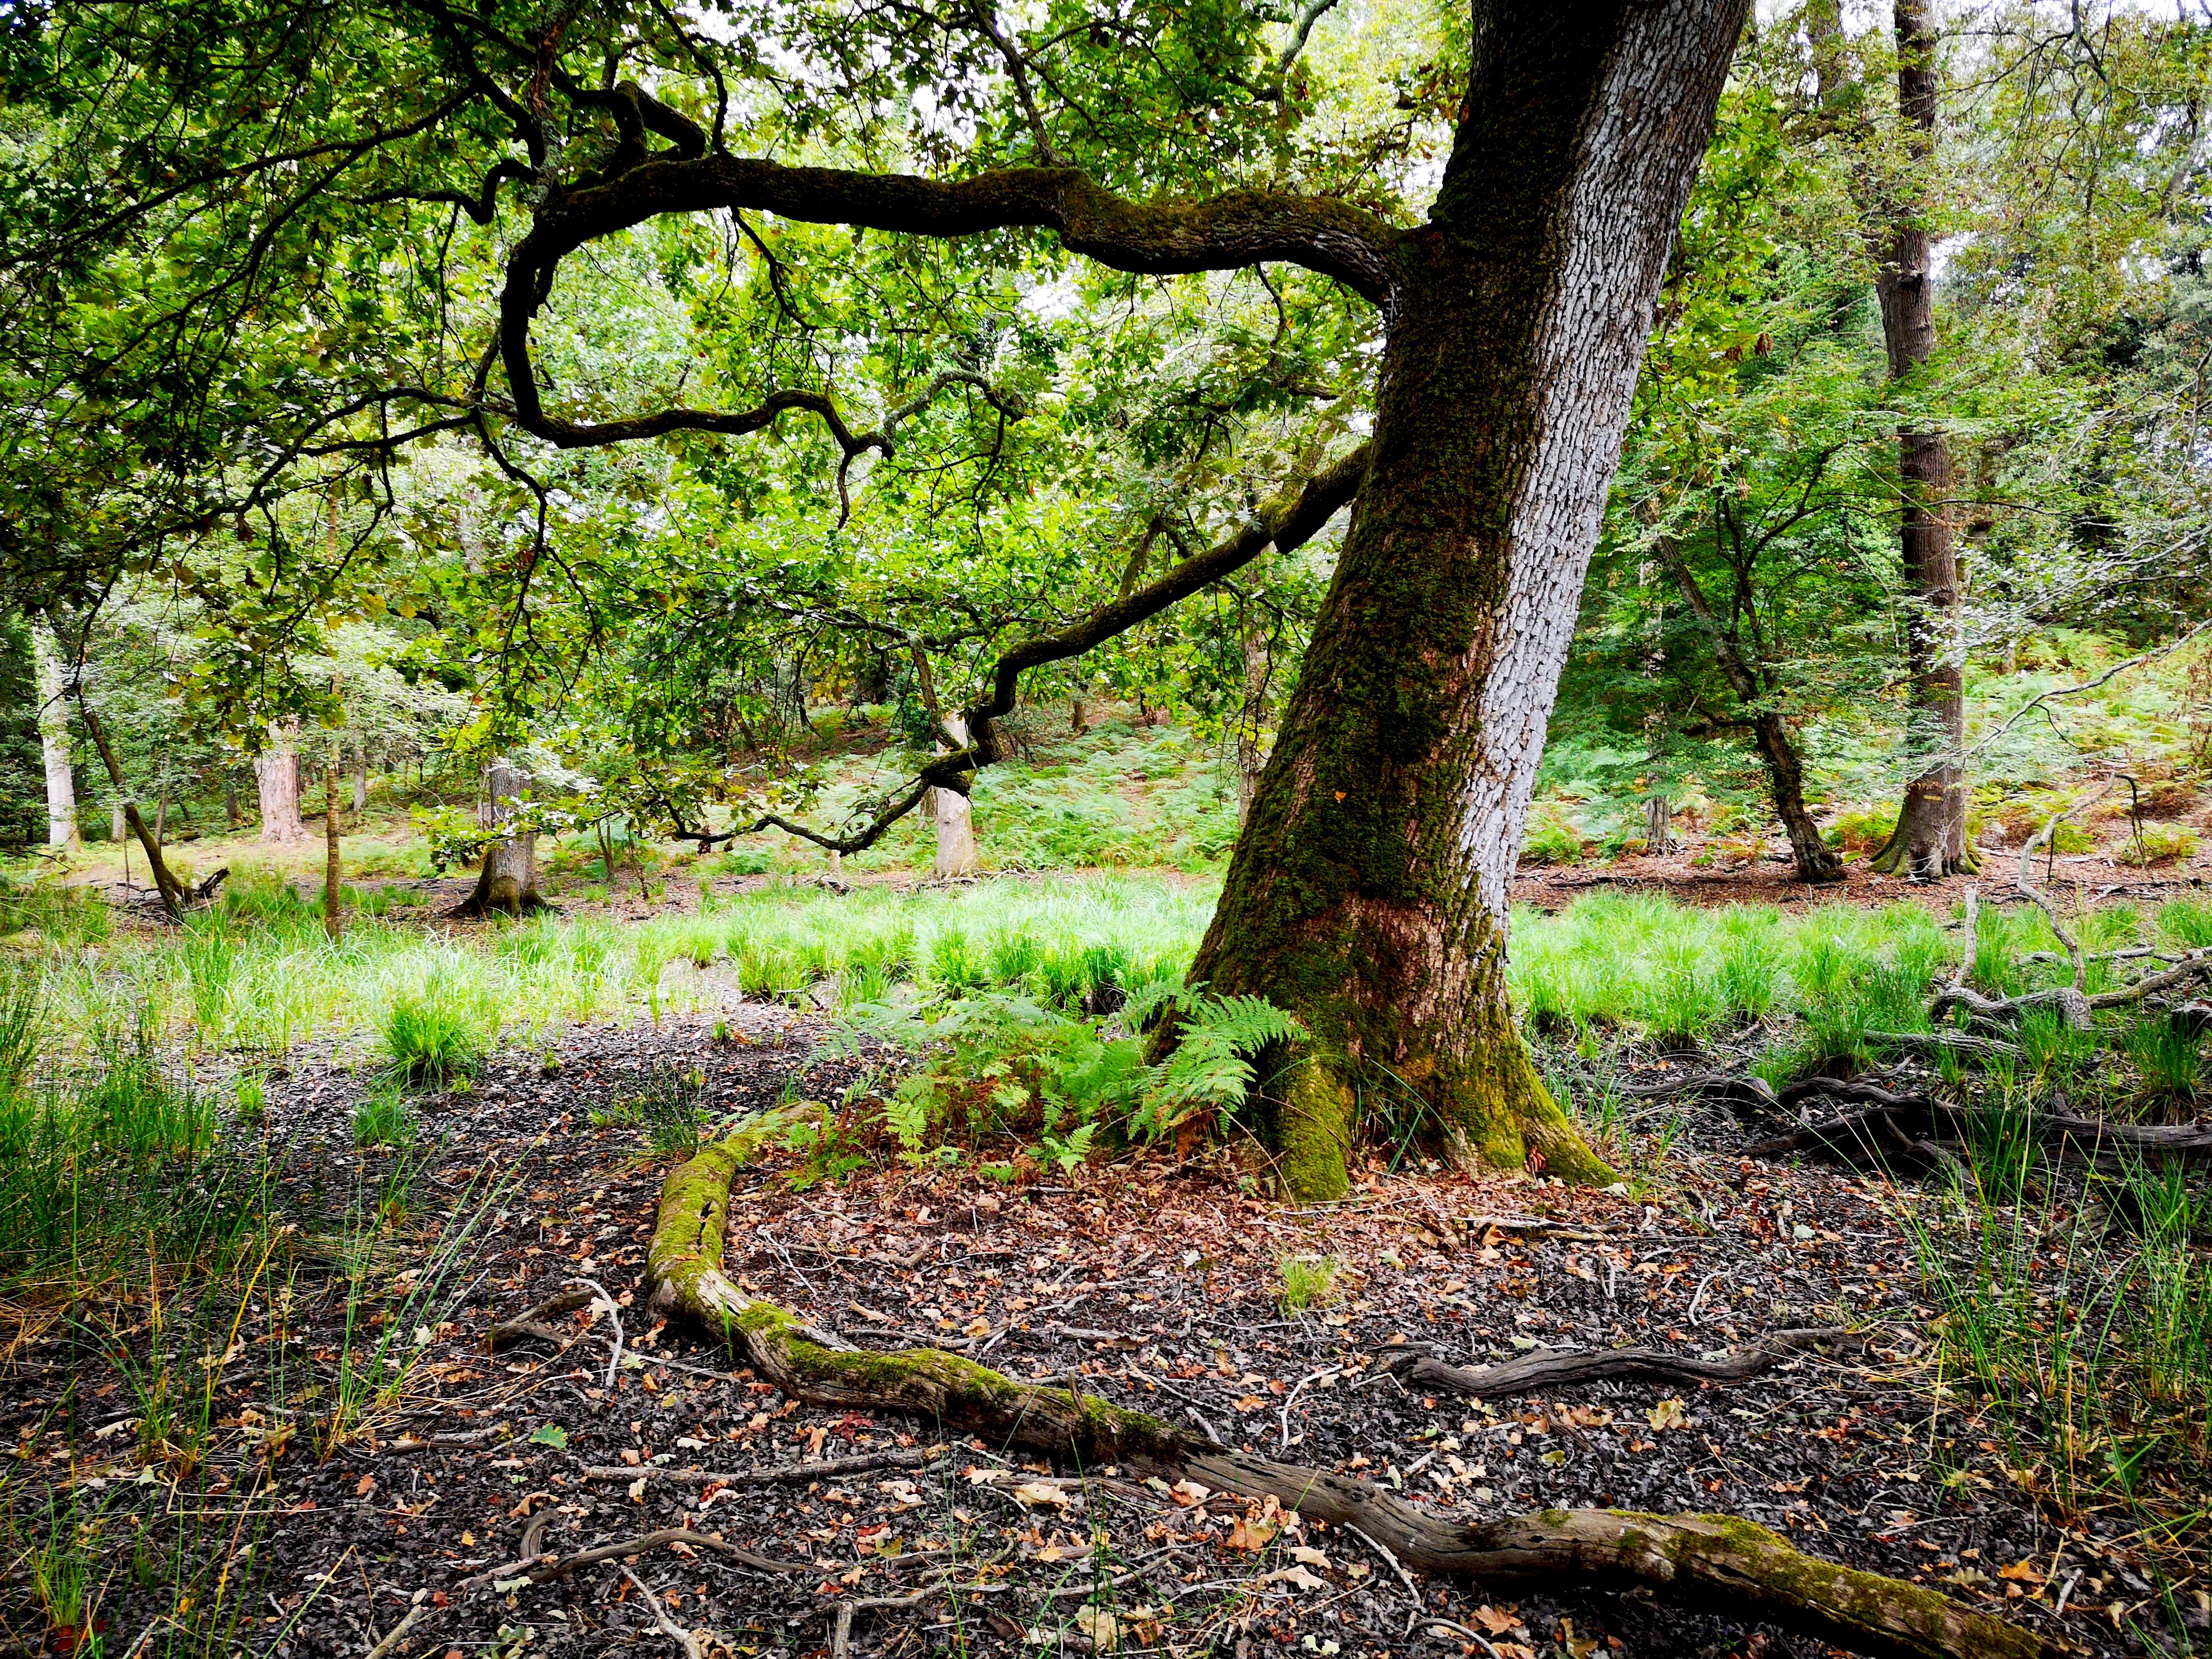 Foresta a San Rossore (Parco Naturale Migliarino, San Rossore, Massaciuccoli)